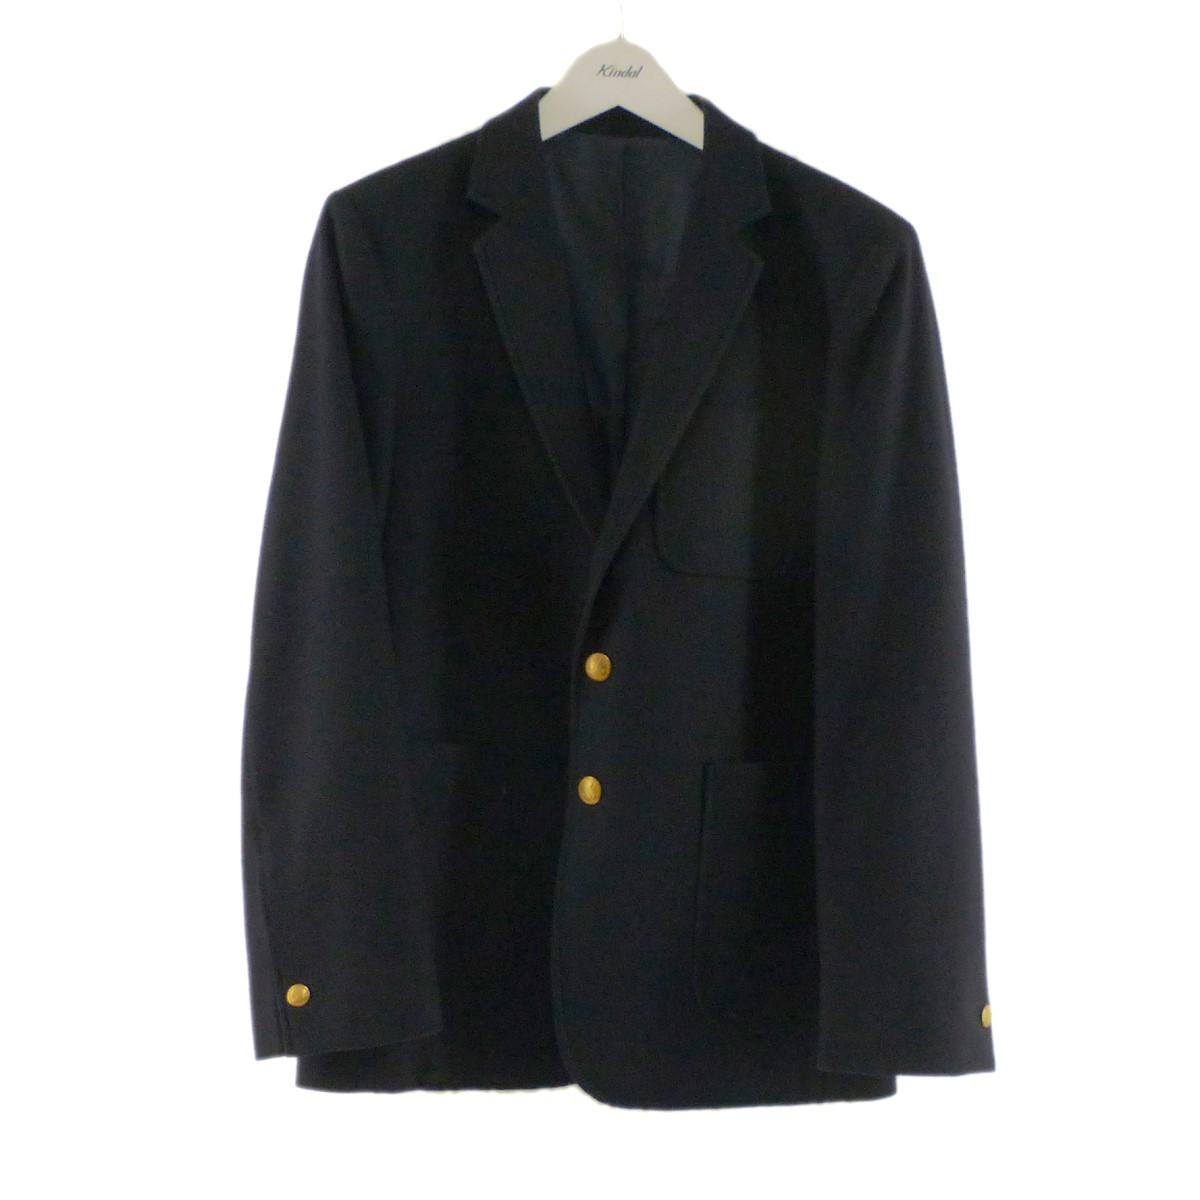 【中古】MAISON KITSUNE 金ボタンウールジャケット ネイビー サイズ:44 【300820】(メゾンキツネ)